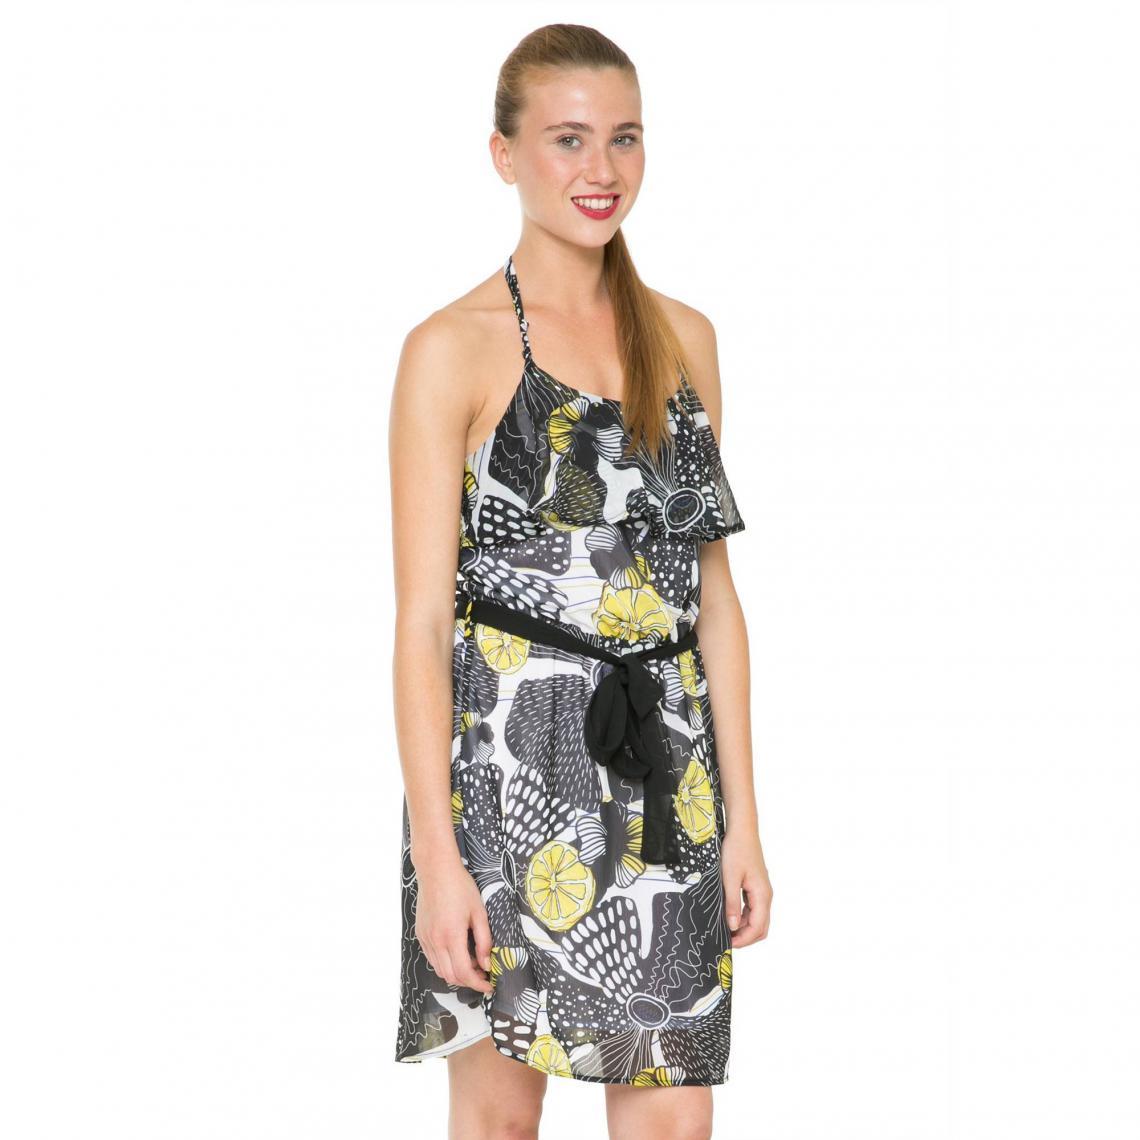 546e34141d49af Robe dos-nu en voile imprimé fantaisie femme Desigual - Noir | 3 SUISSES